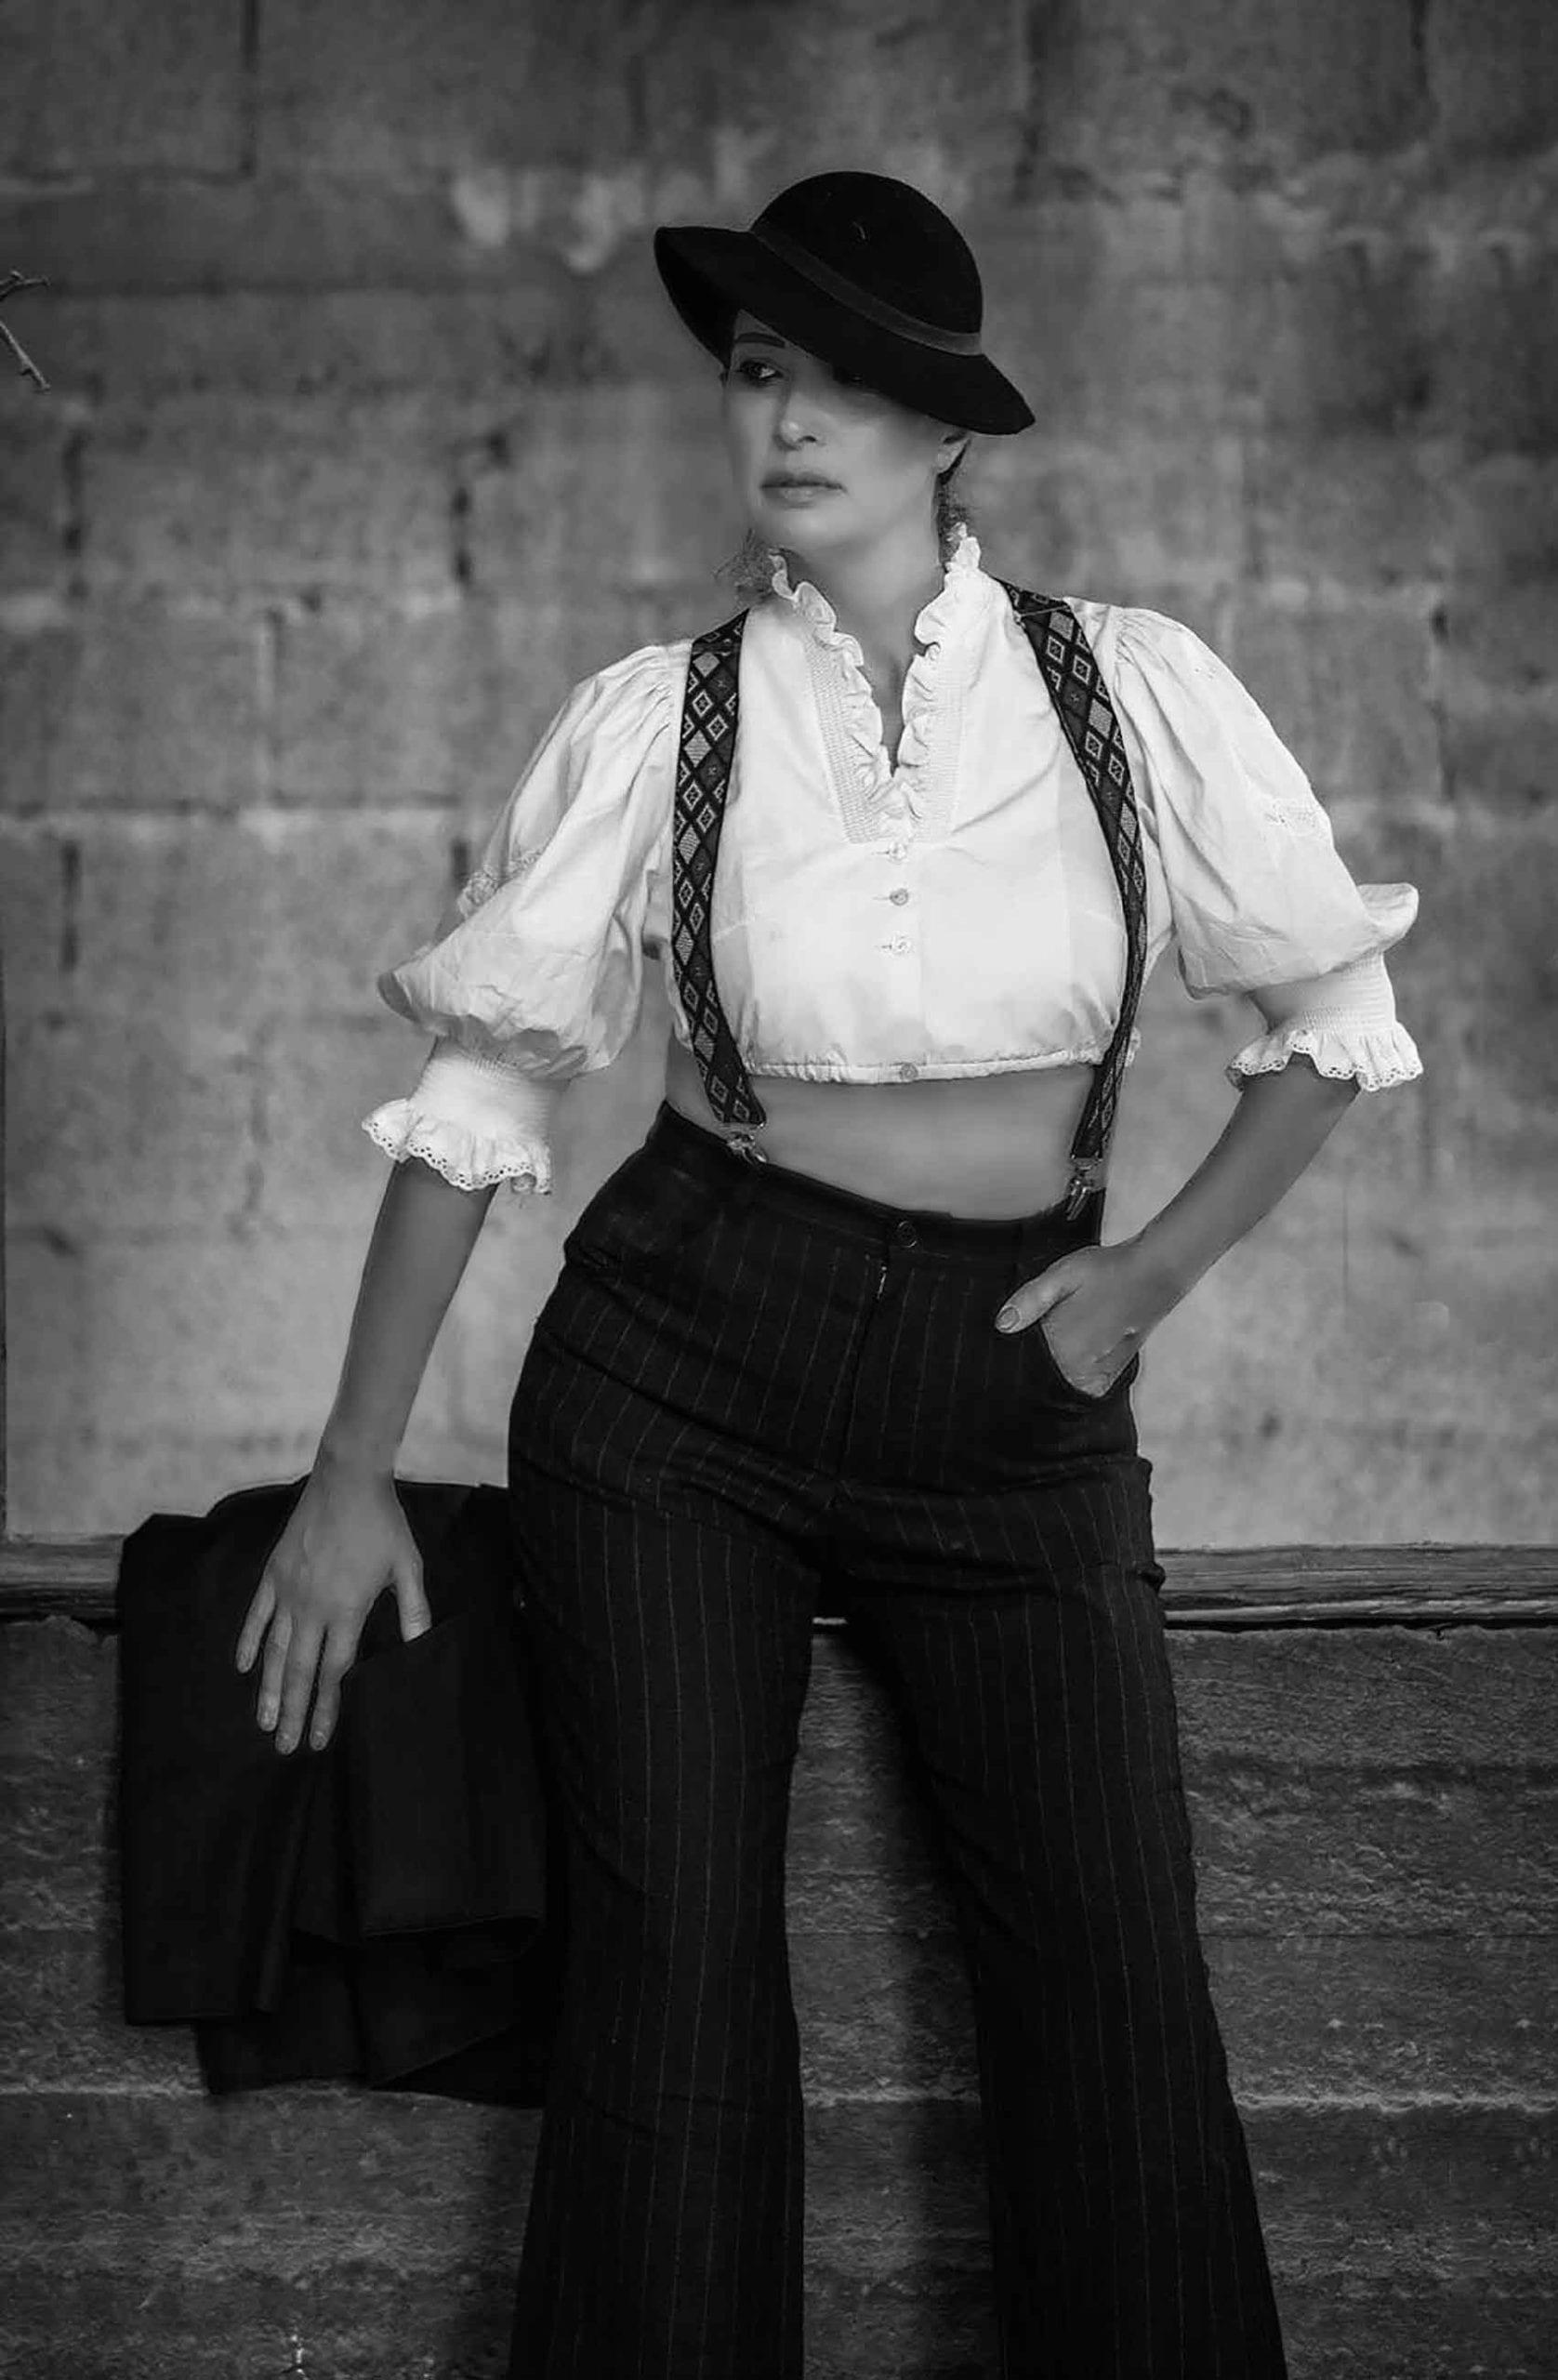 אופנה-מגזין-אופנה-לובשת-וינטג-מאיה-אושרי-צילום-מיקי-בן-עטר -84